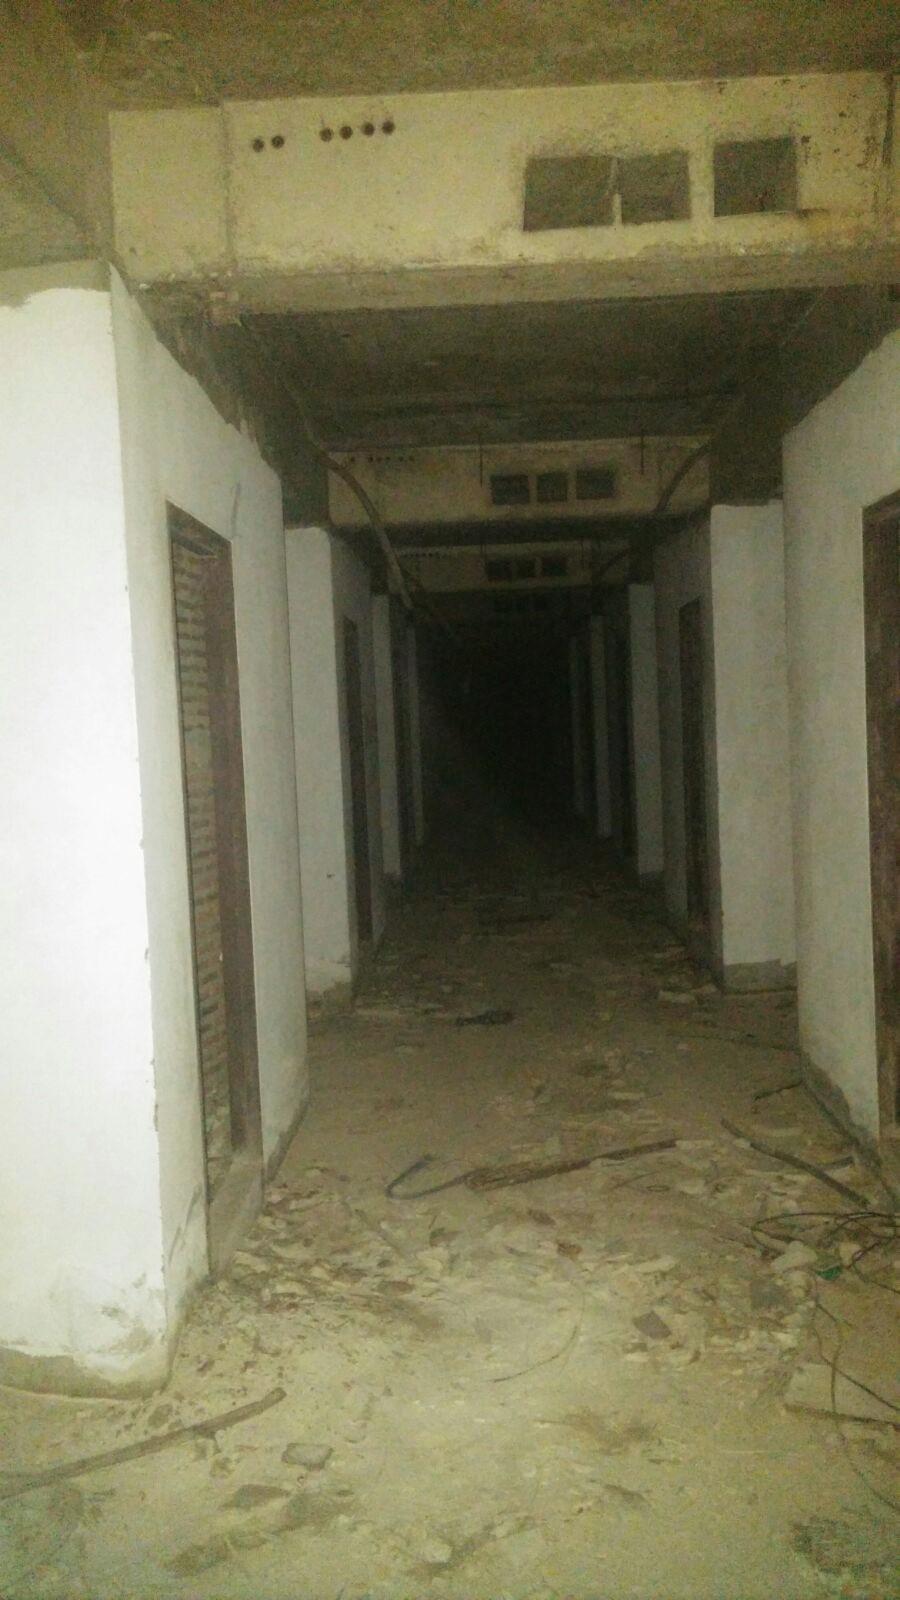 Kurkkaus 25 kerroksen käytävään. Legensa kertoo, että tässä kerroksessa kummittelee.